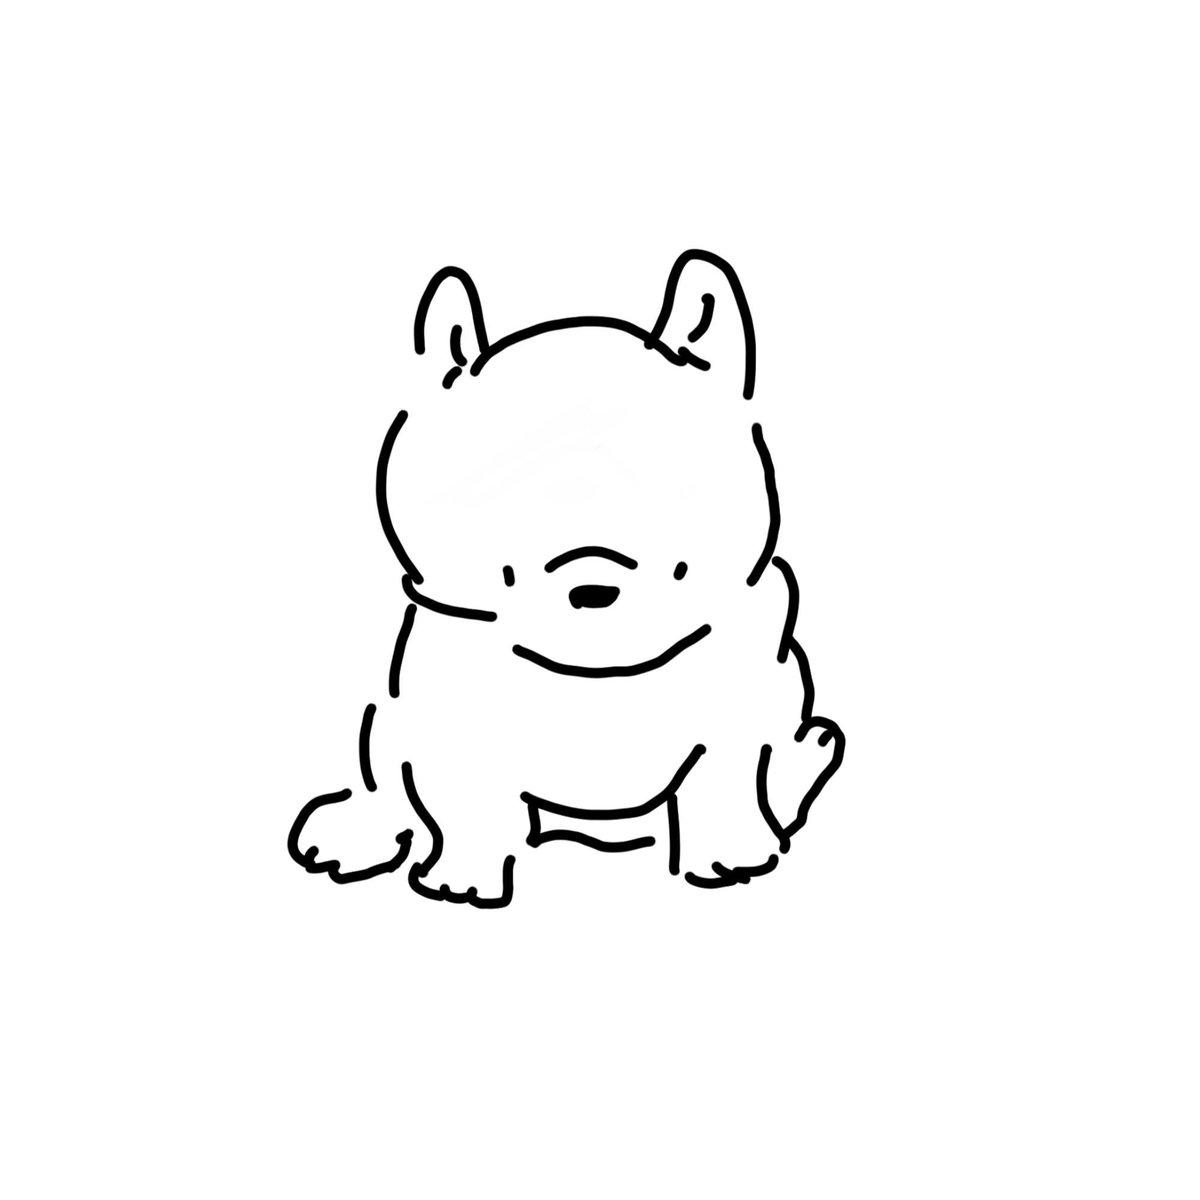 わんころあかちゃんシリーズ。このもちもち感がたまりません〜#ゆるいイラスト #illustration #イラスト #犬 #いぬ #いぬいらすと #犬イラスト #いぬイラスト #フレンチブルドッグ #ブルドッグ #赤ちゃん #もちもちpic.twitter.com/824aECMe7f